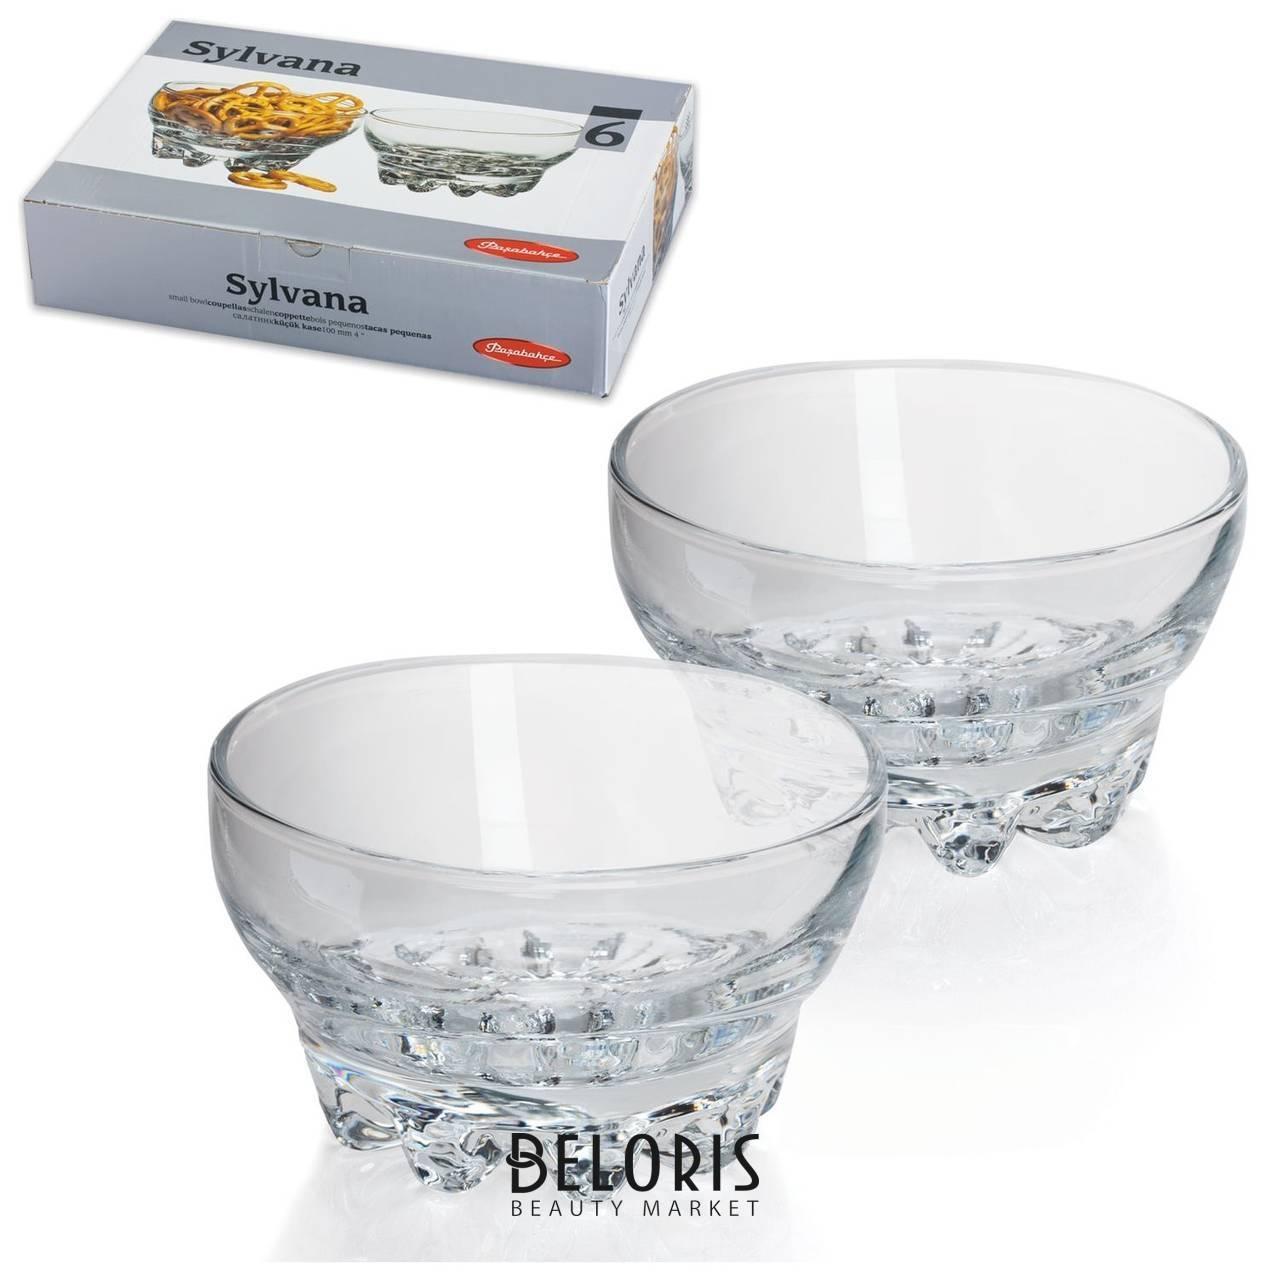 Набор салатников/креманок Sylvana, 300 мл, стекло, PASABAHCE Pasabahce